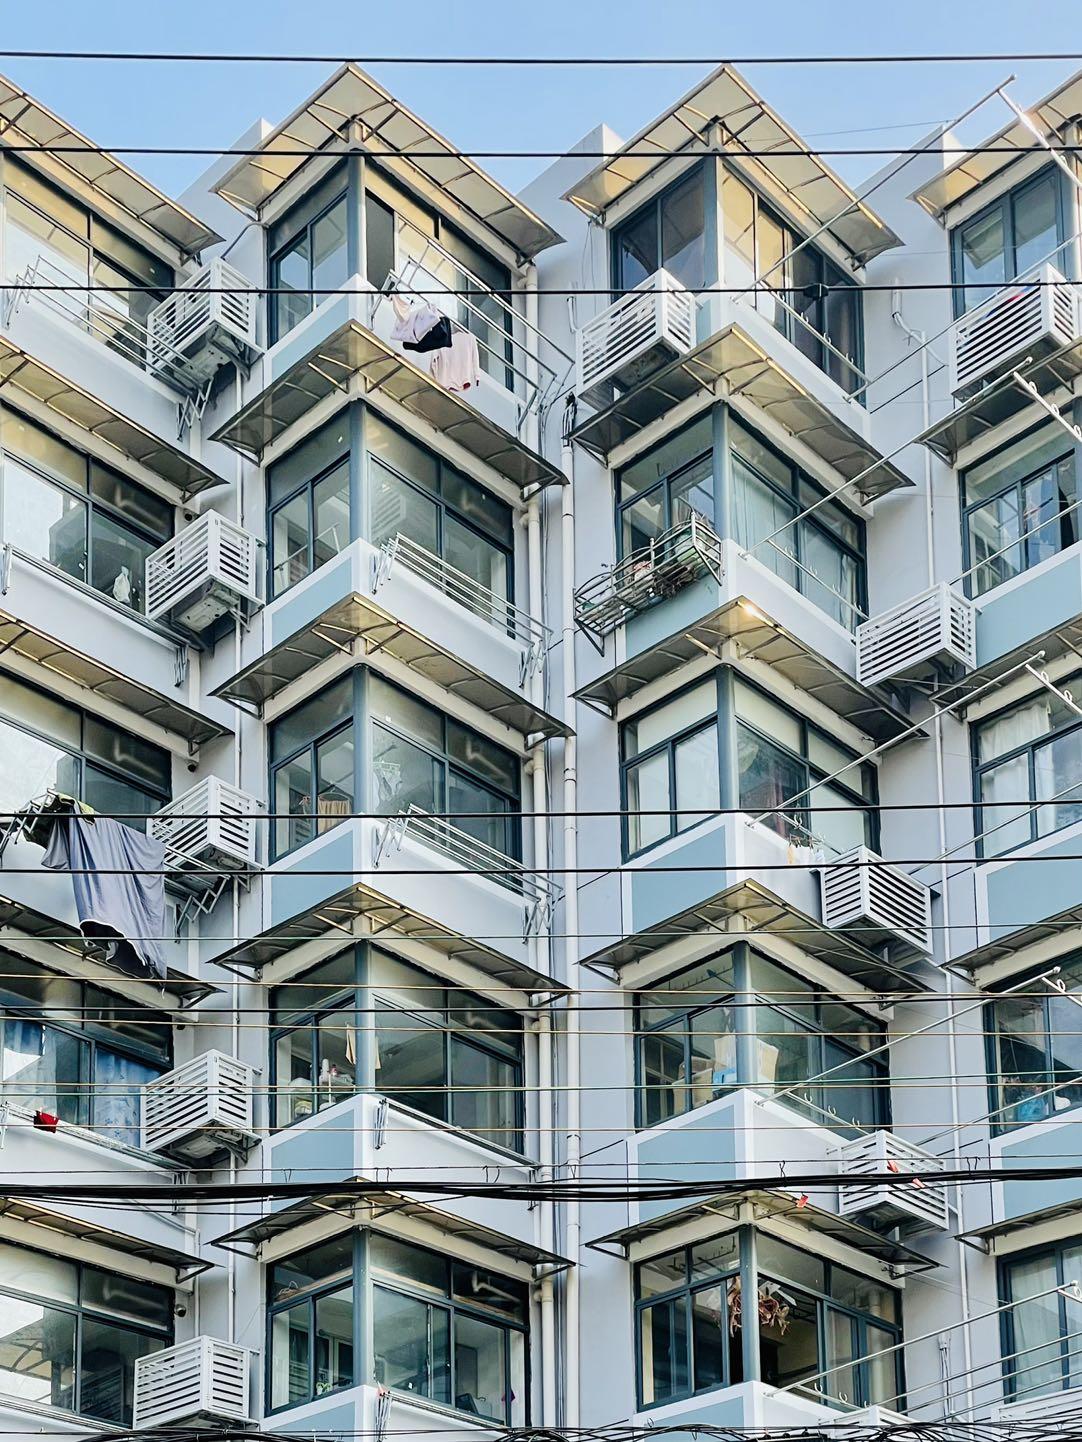 上海:中华路.jpg